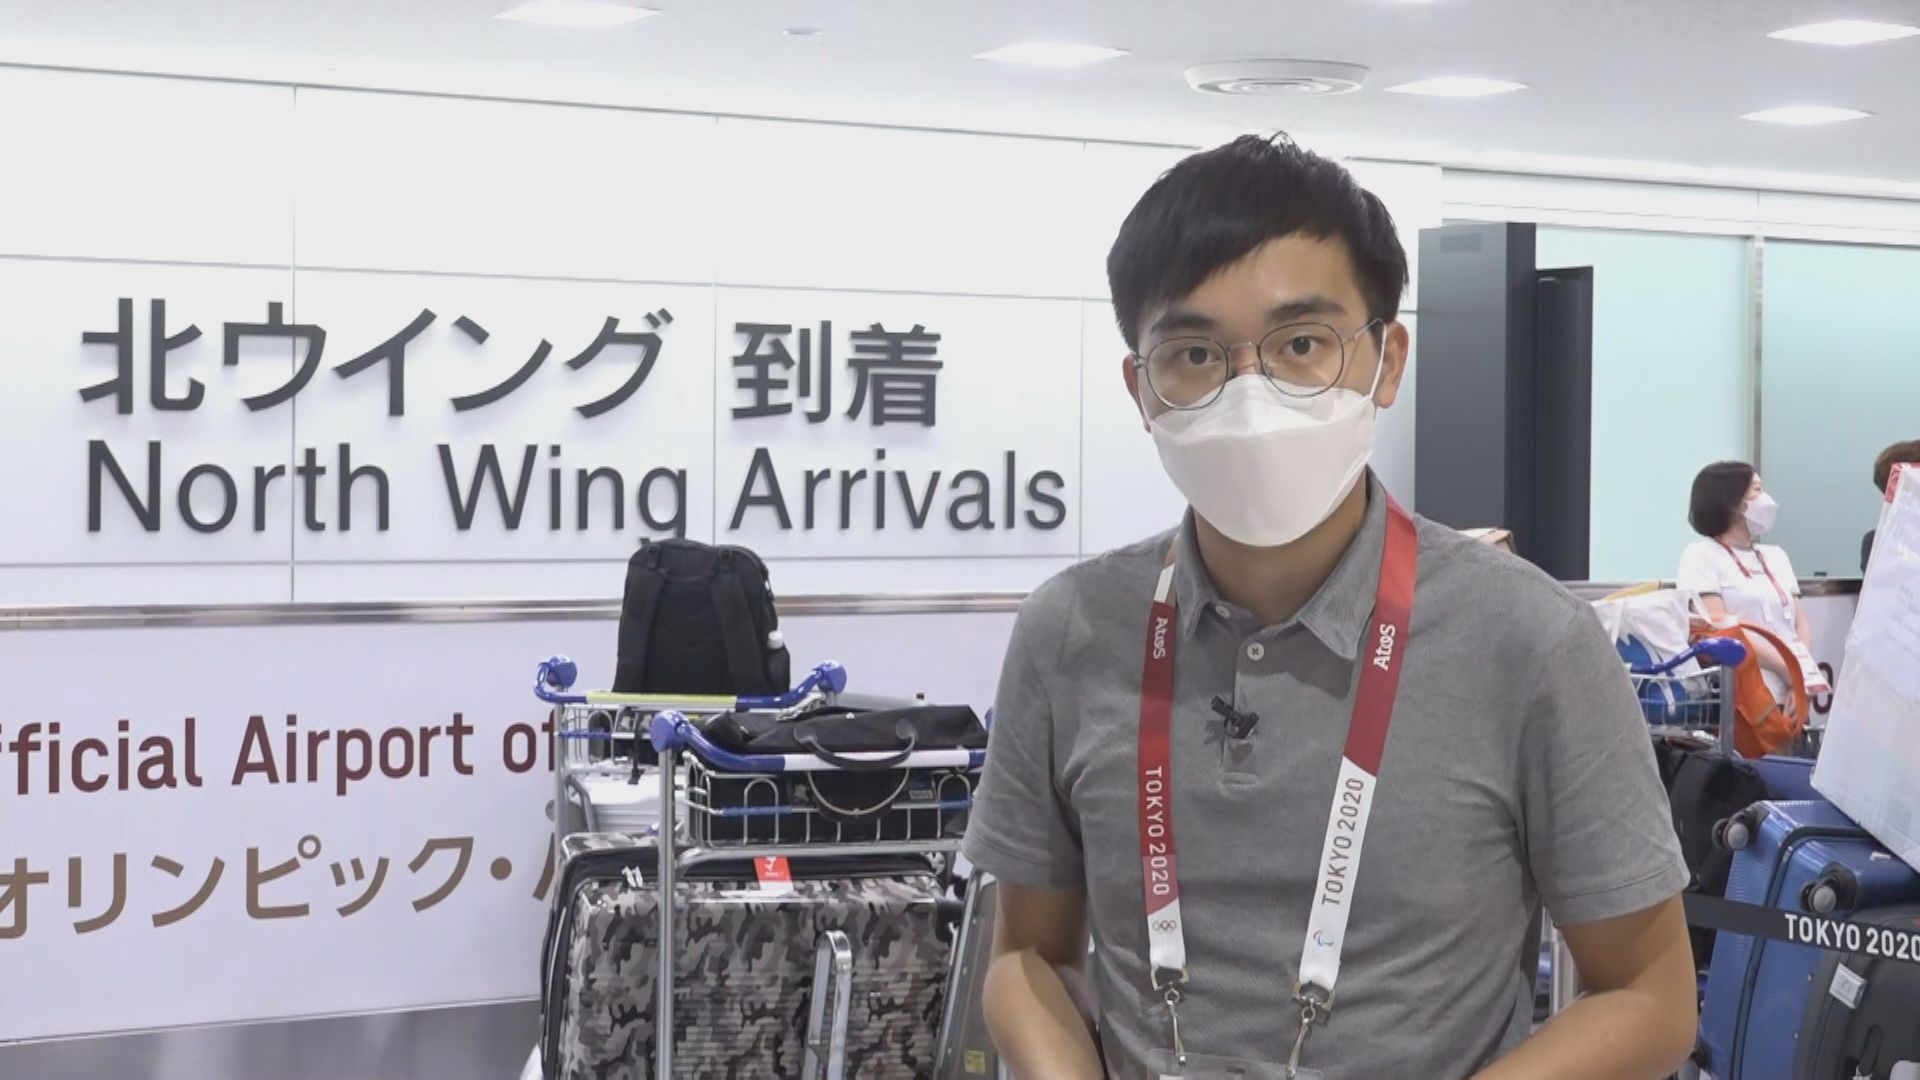 【東京直擊】機場設奧運通道檢測 選手及傳媒須封閉式管理